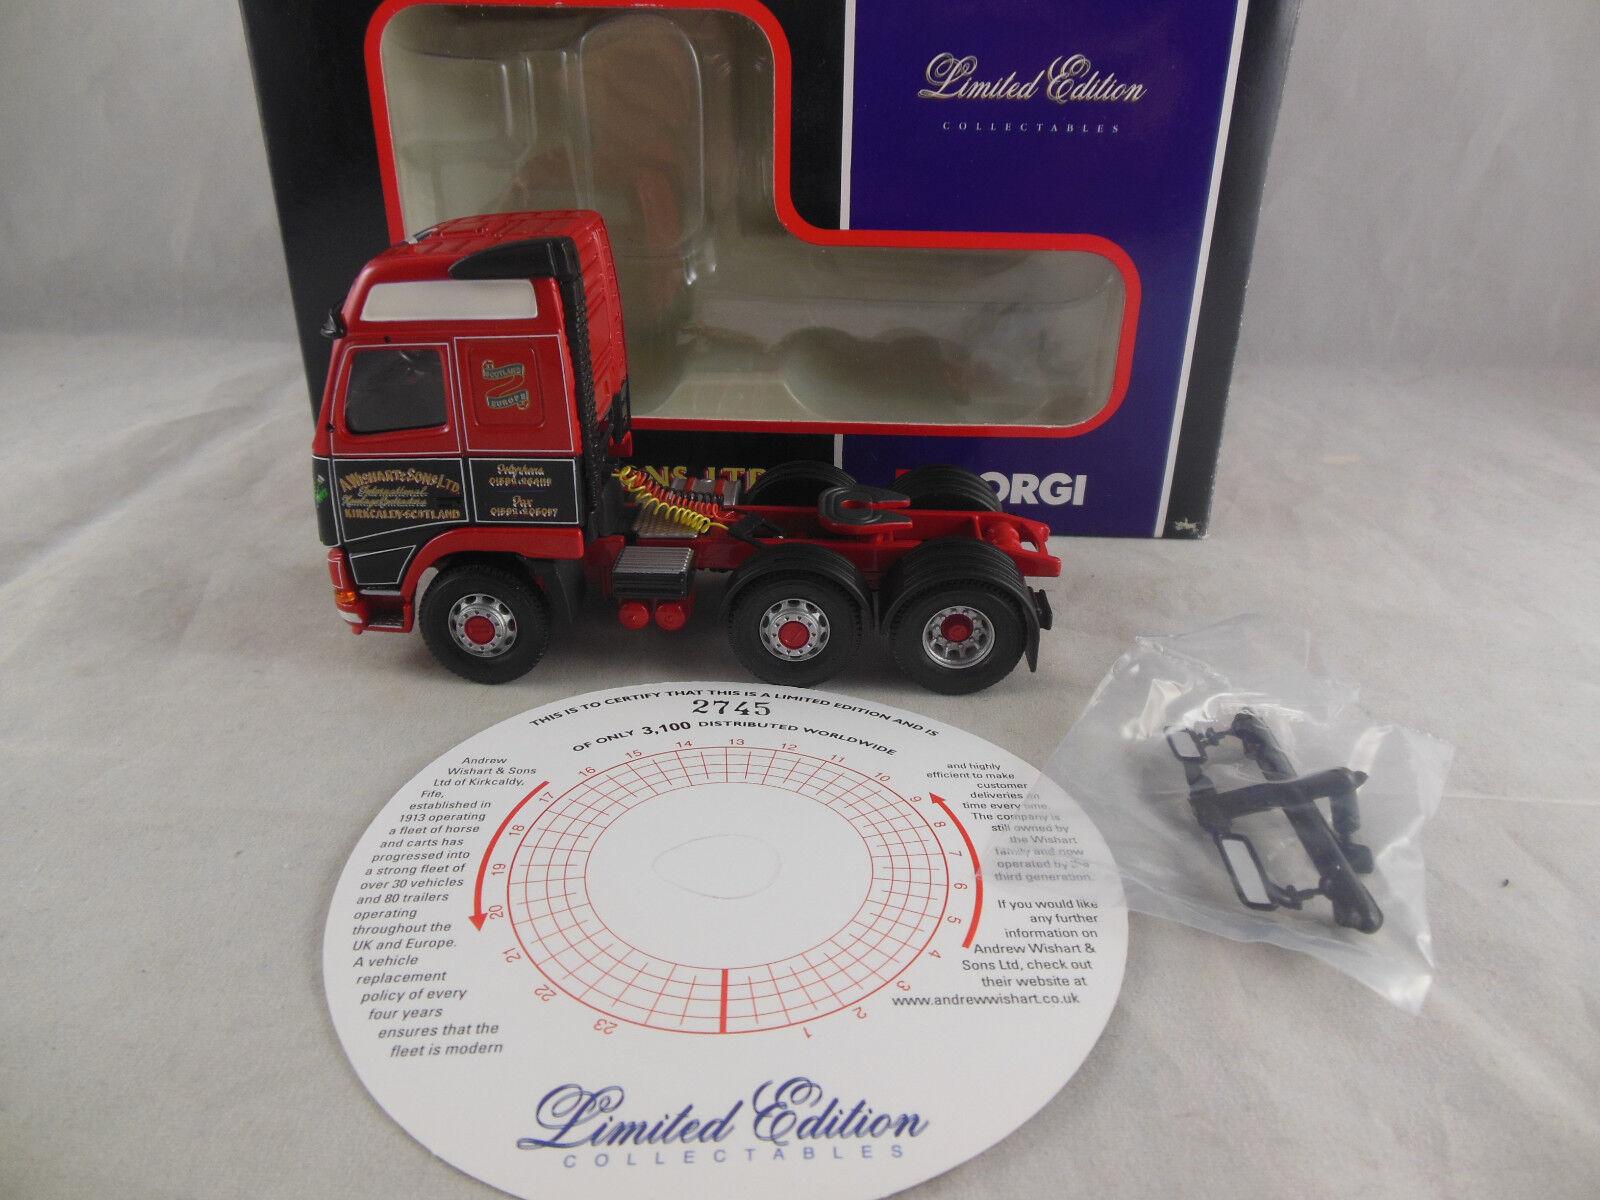 precioso Corgi CC12417 Volvo FH Globetrojoter Tractor Unidad Unidad Unidad Andrew wishhart & Sons Ltd  Ahorre 35% - 70% de descuento